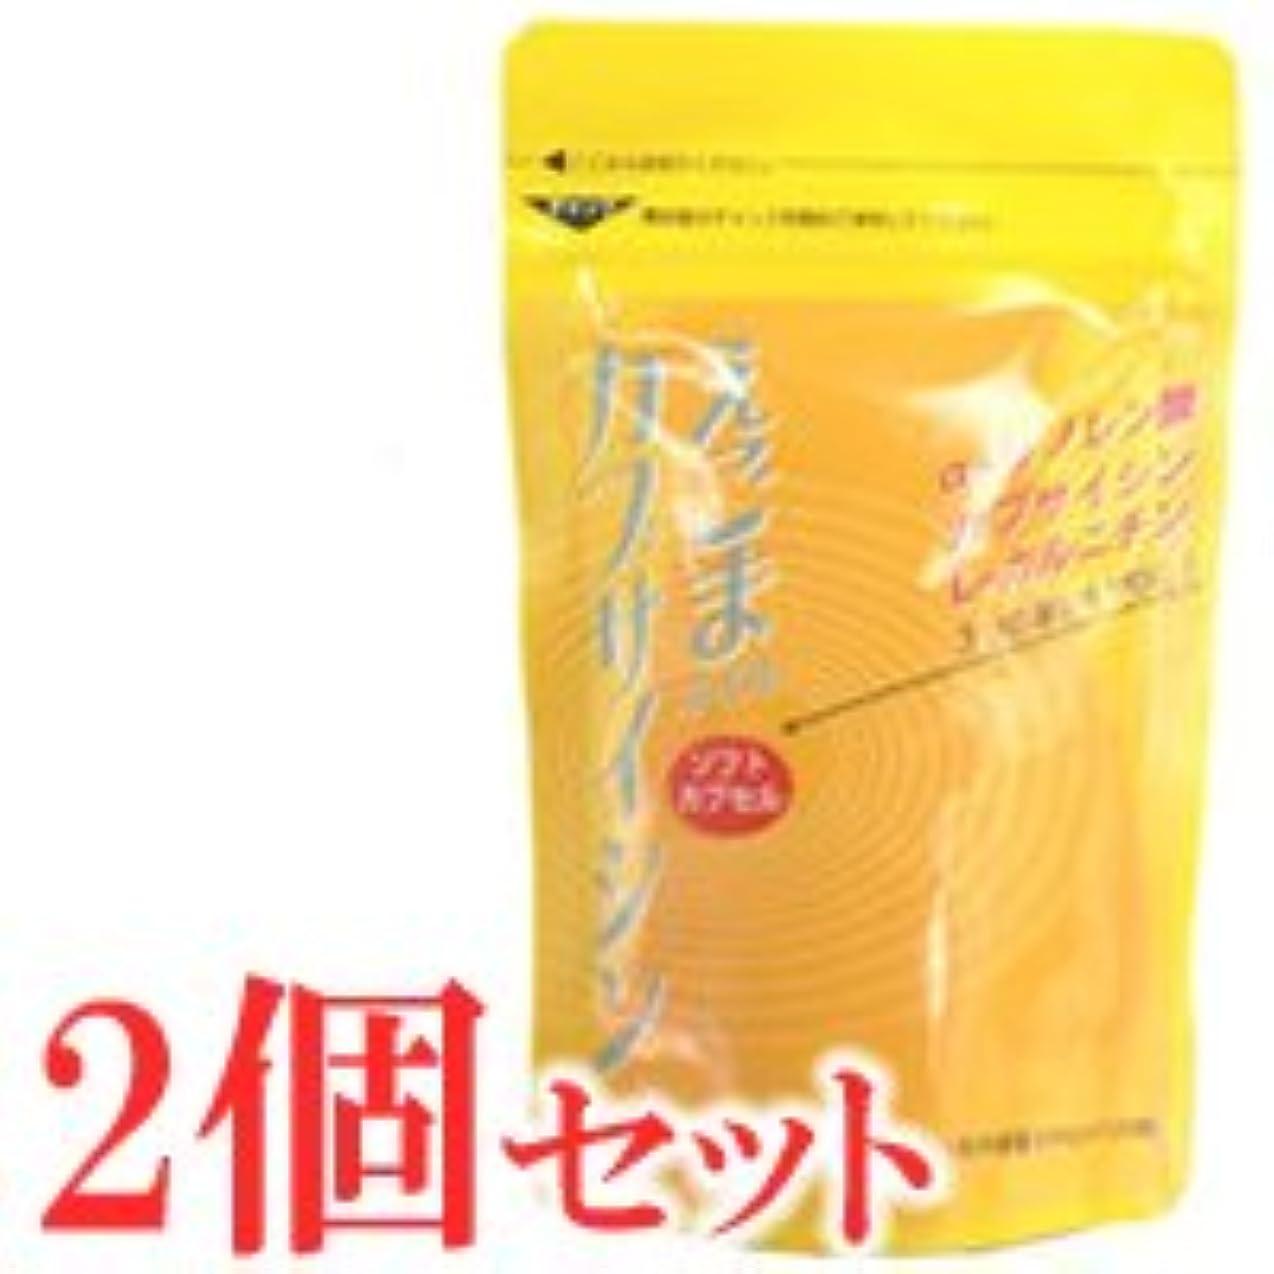 ではごきげんよう中国炎上えごまオイル カプサイシン 120粒×2袋セット(ソフトカプセル)